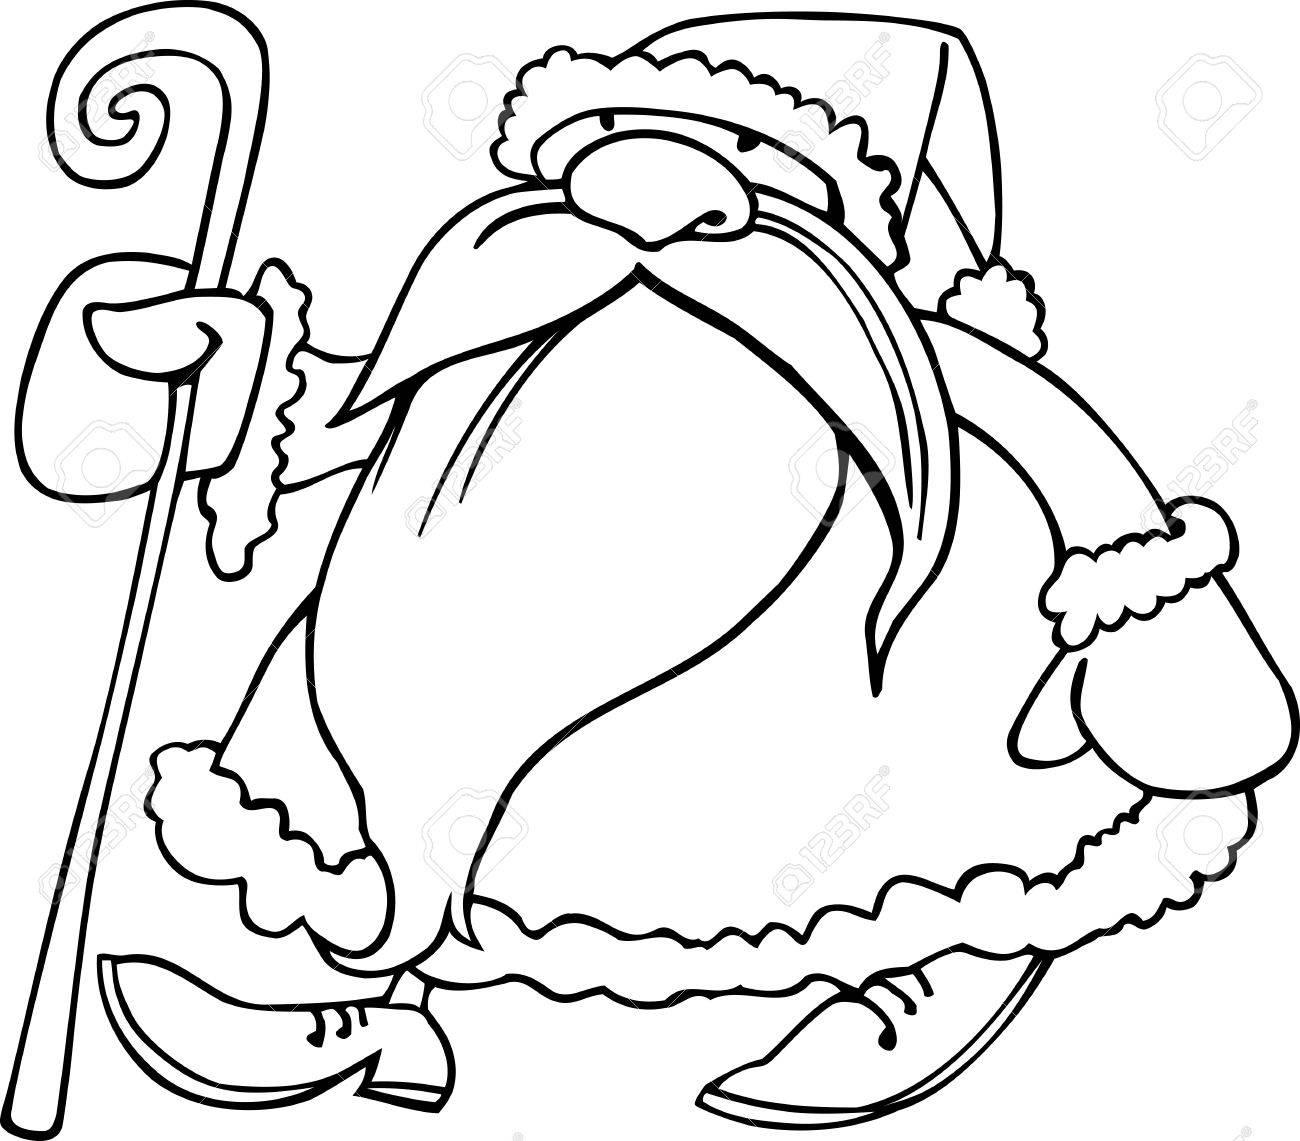 Illustration De Dessin Animé De Santa Claus Ou Le Père Noël Ou Papa Noël Avec La Canne De Cadeaux Pour Coloring Book Ou La Page